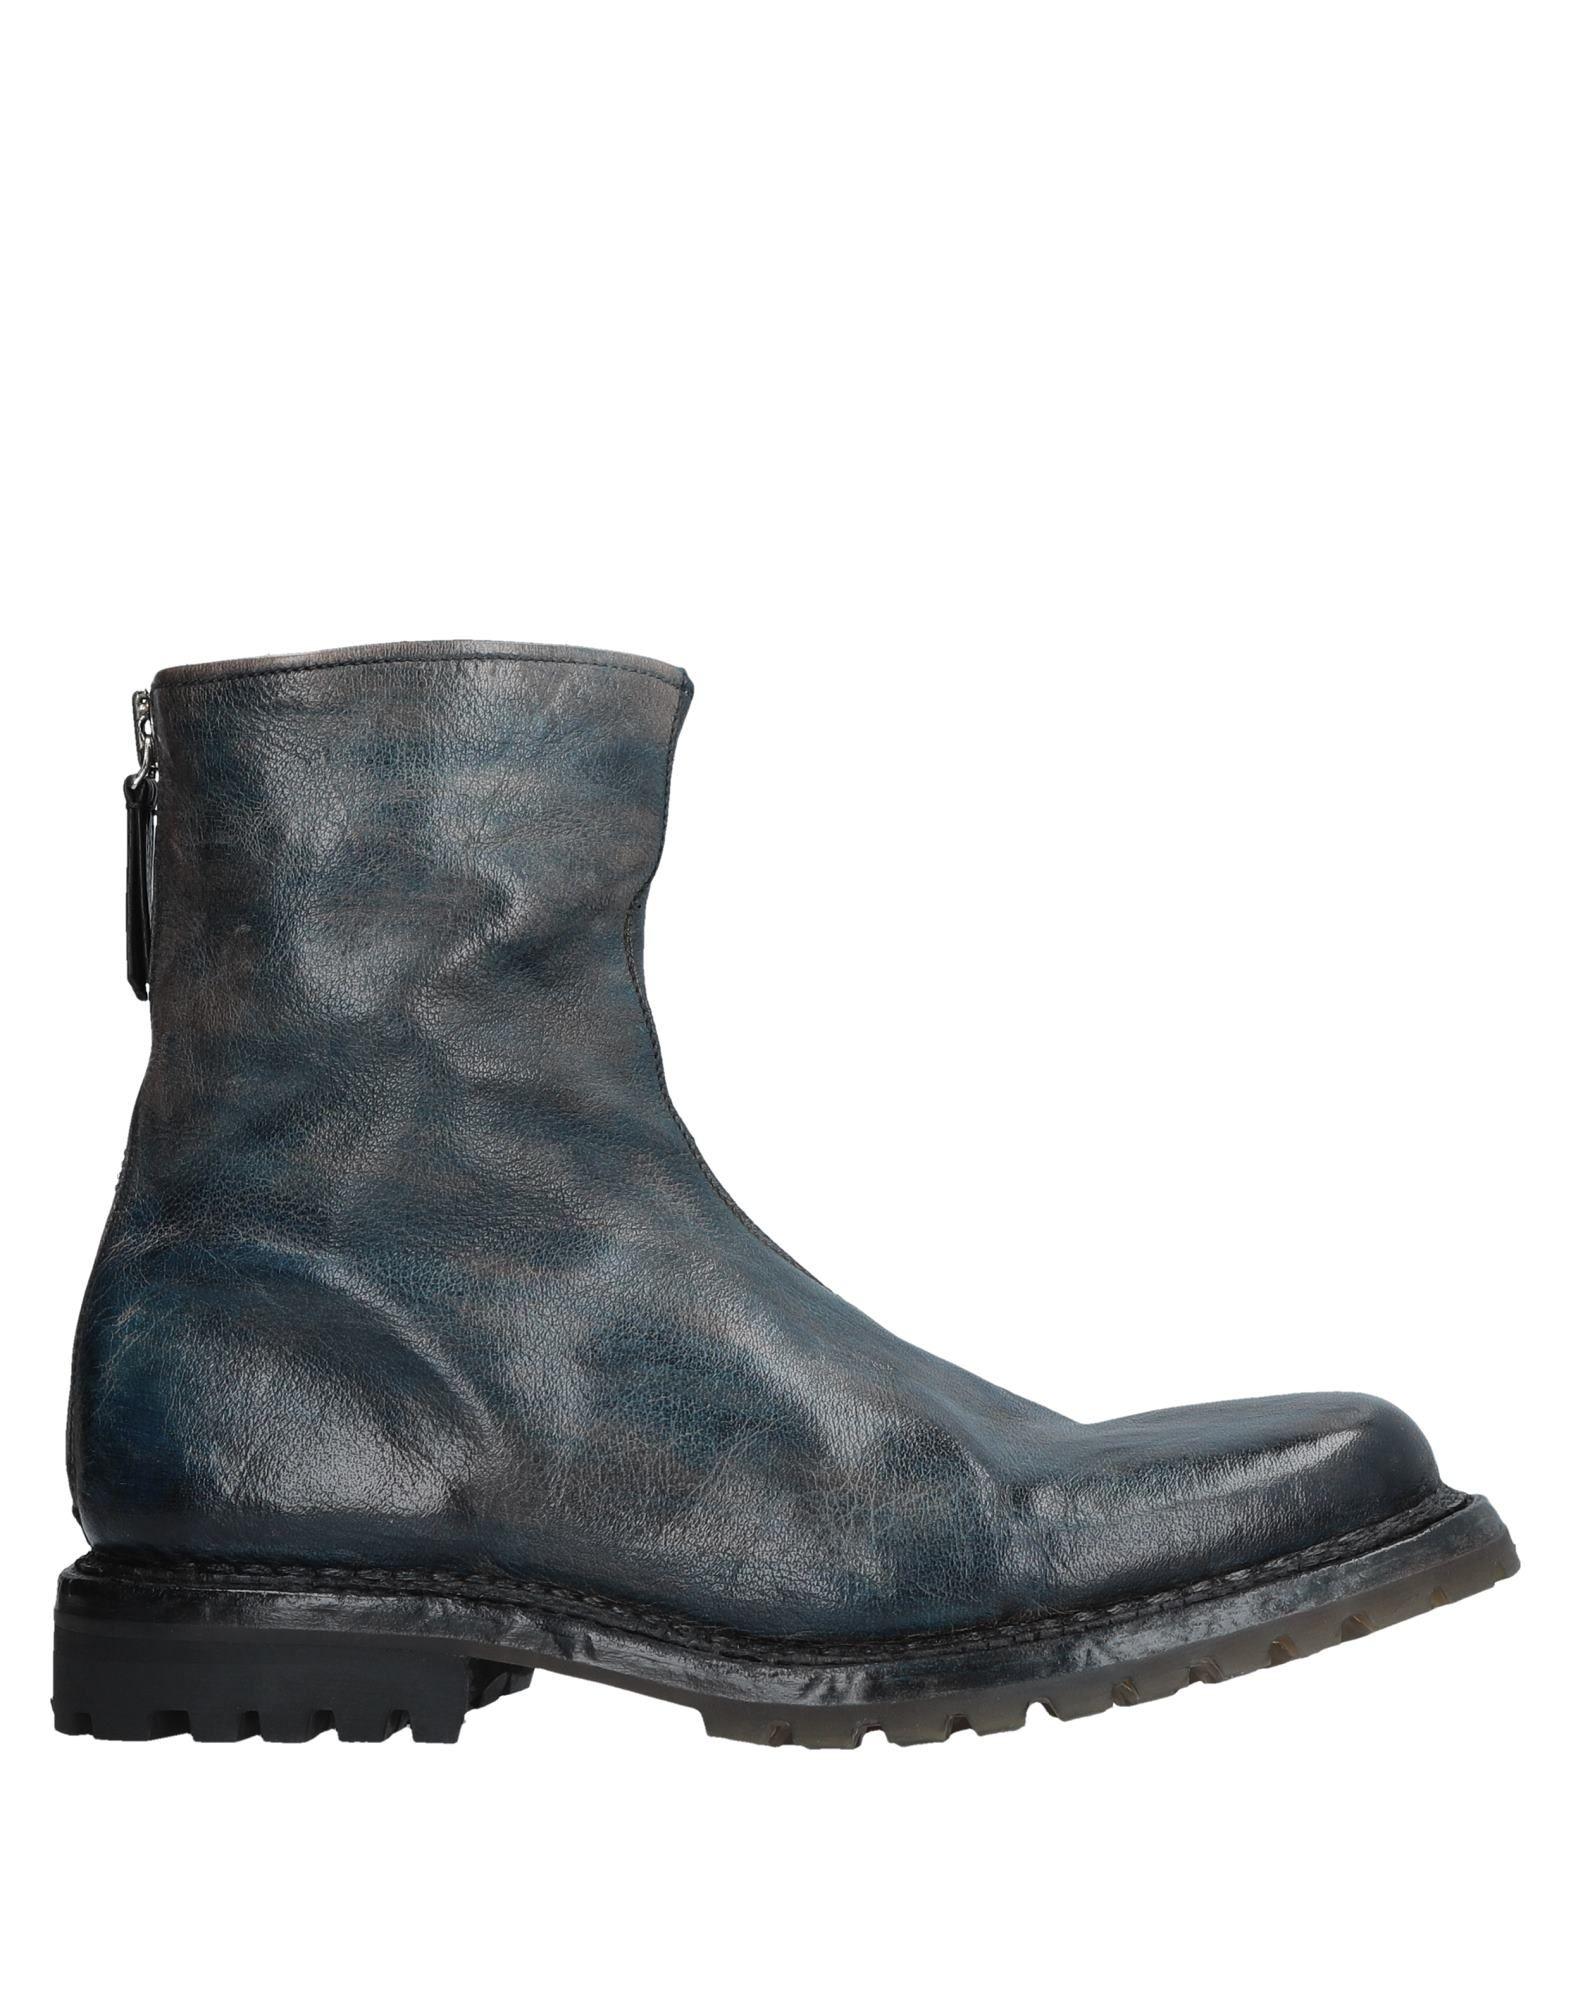 Premiata Stiefelette Herren  11530552IF Gute Qualität beliebte Schuhe